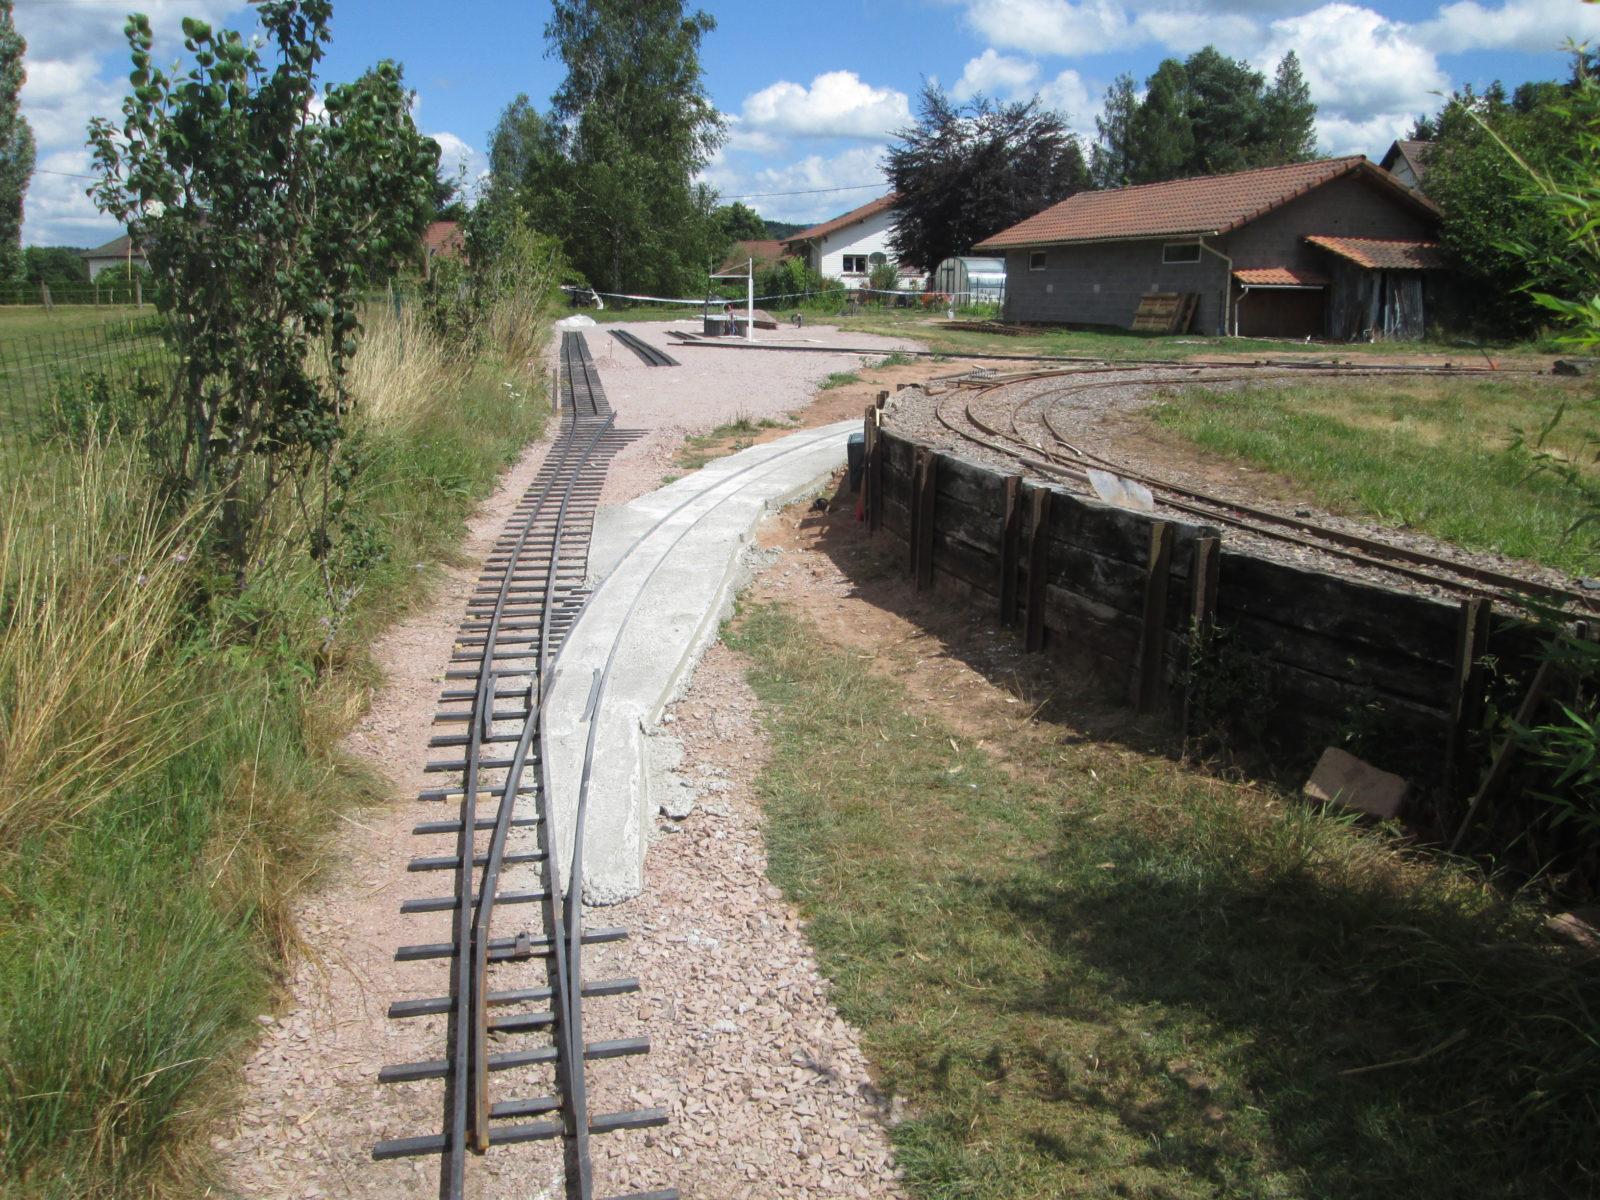 Aiguille d'entrée de gare